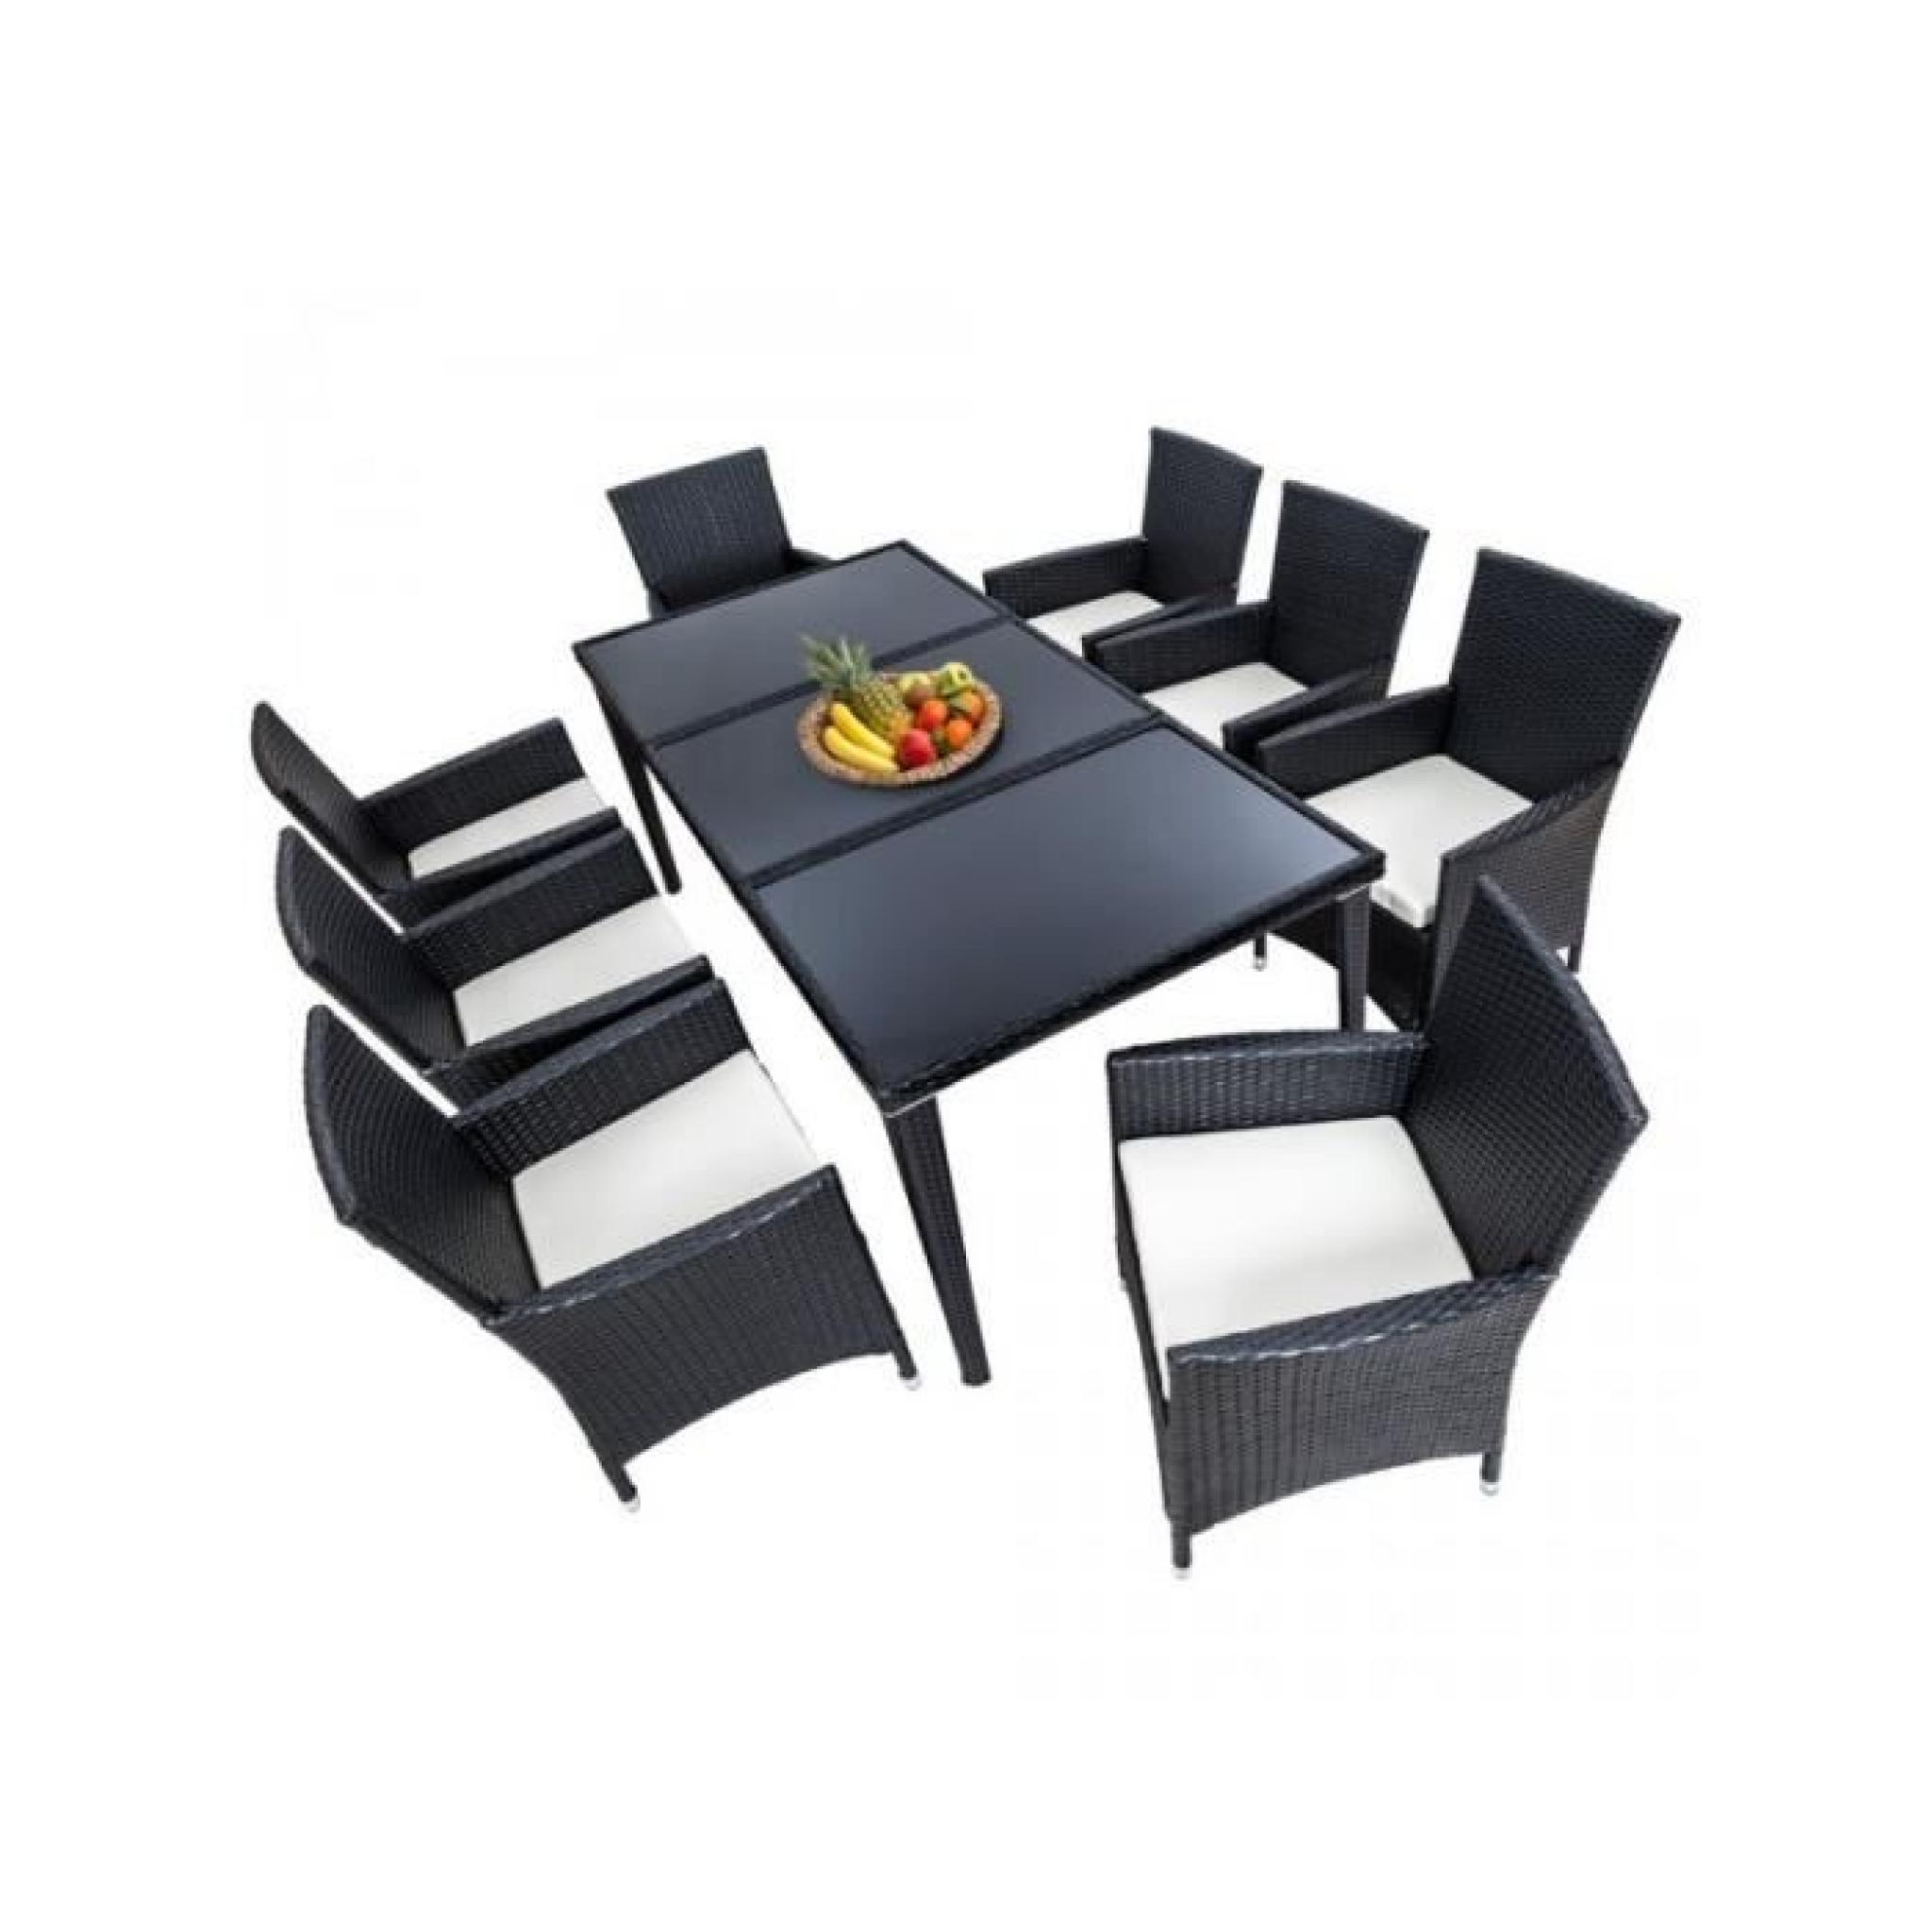 Salon de jardin 8 chaises rotin résine tressé synthétique noir + coussins +  housses 2108005